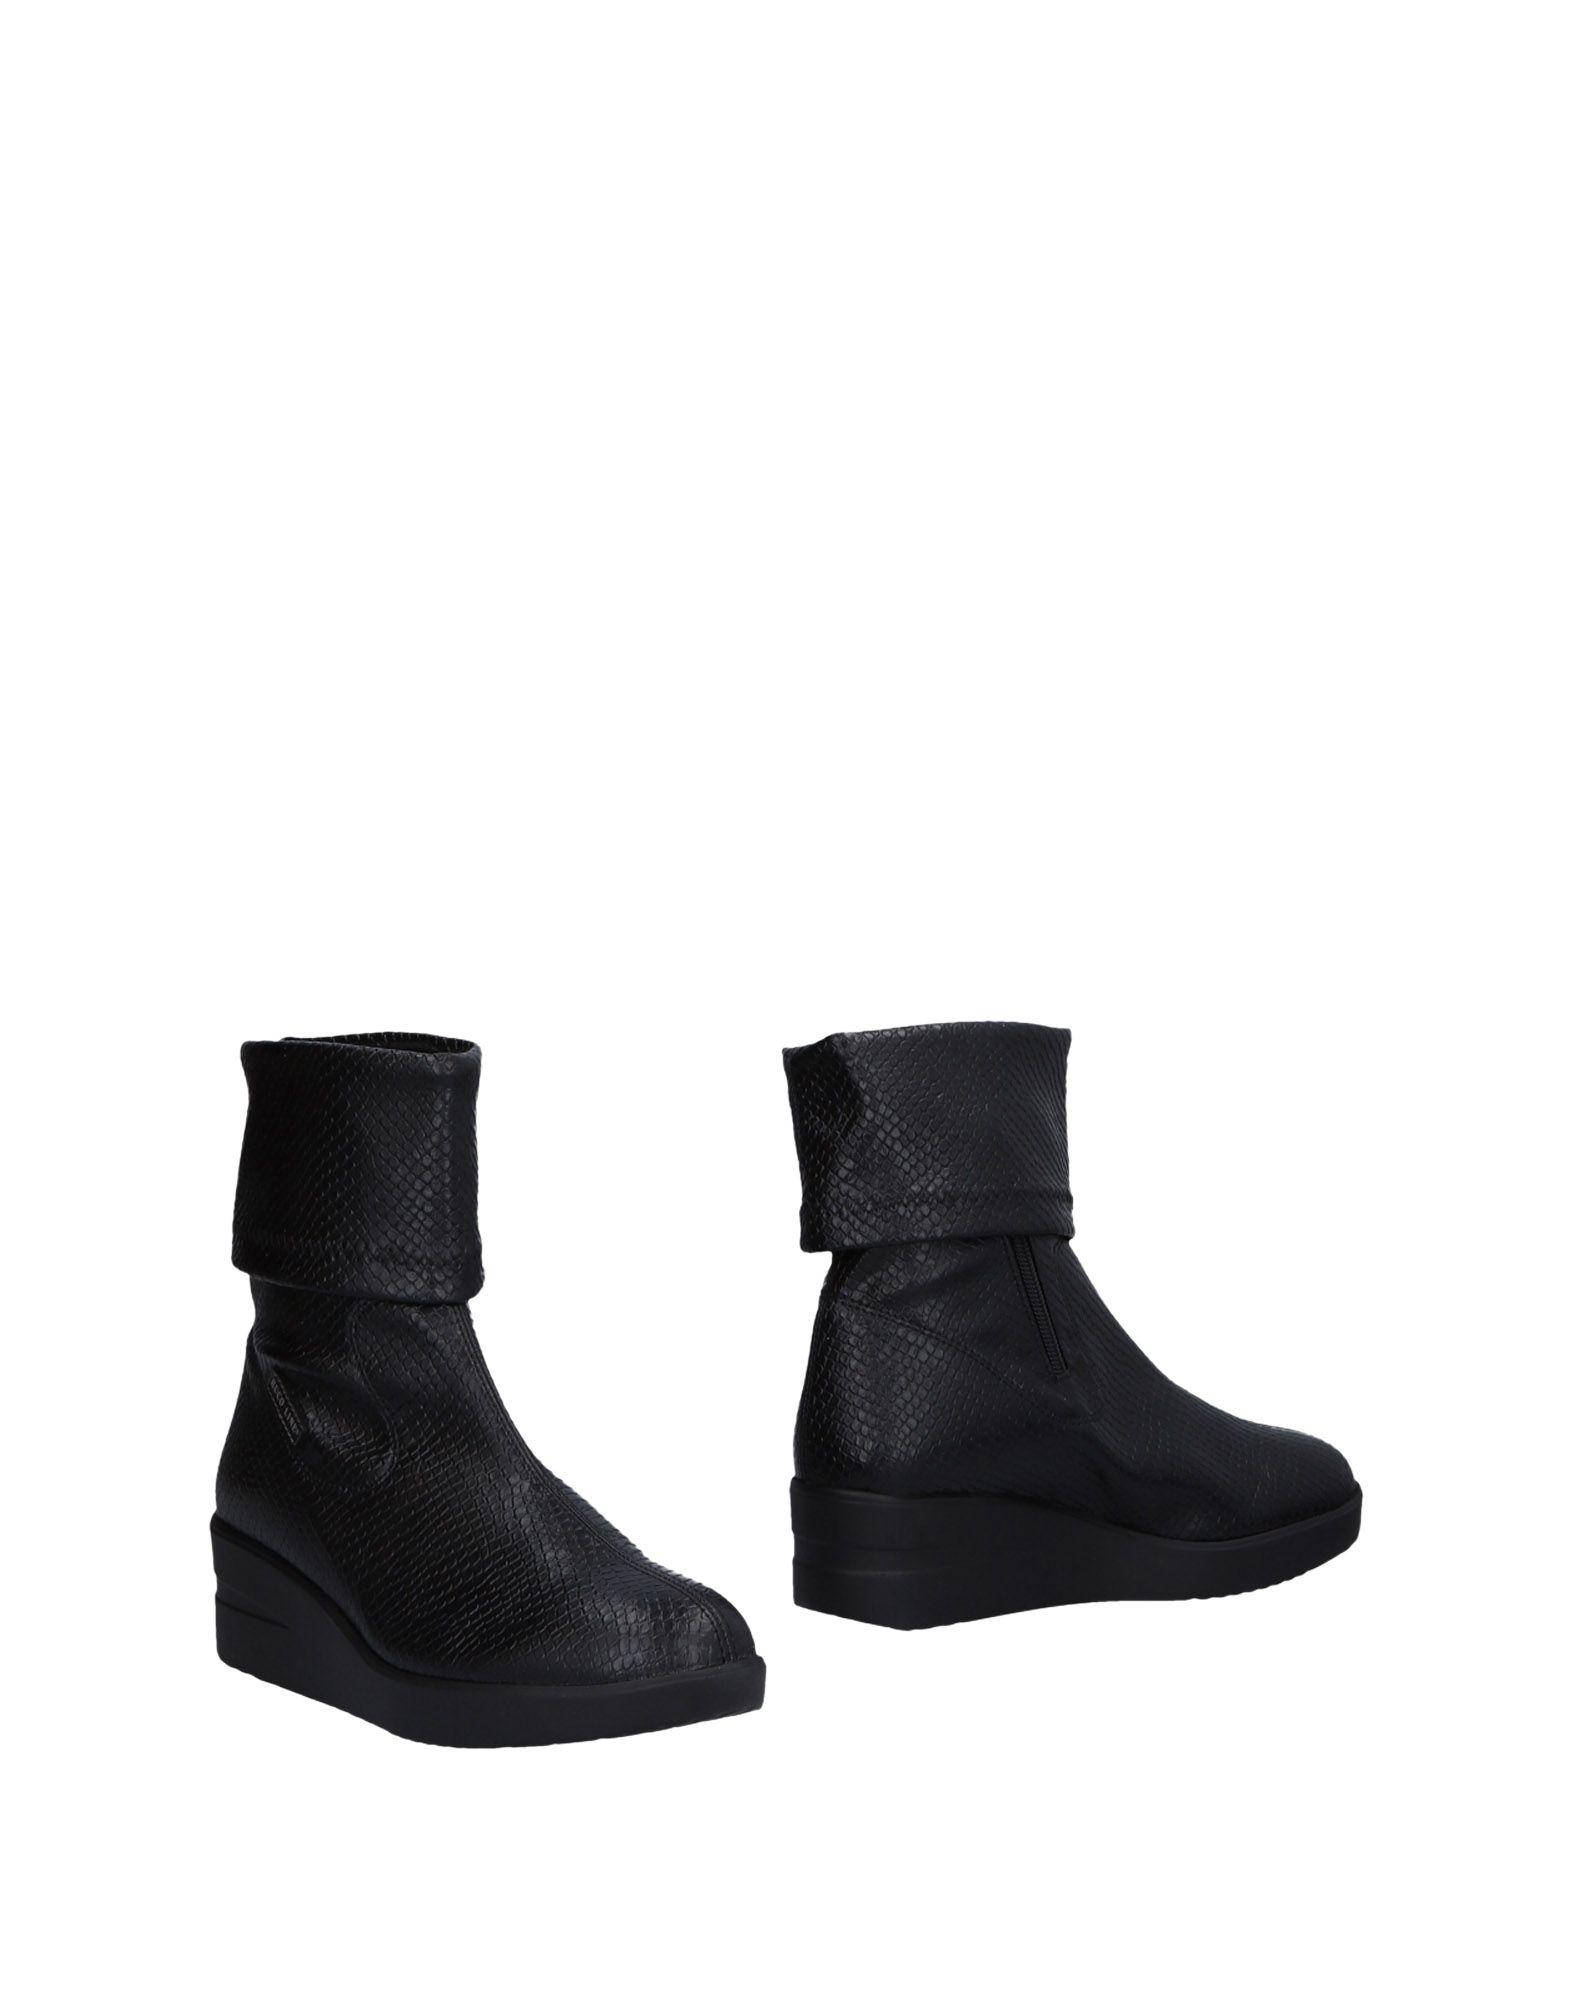 Gut um billige Damen Schuhe zu tragenRuco Line Stiefelette Damen billige  11477354UB 53a8d6